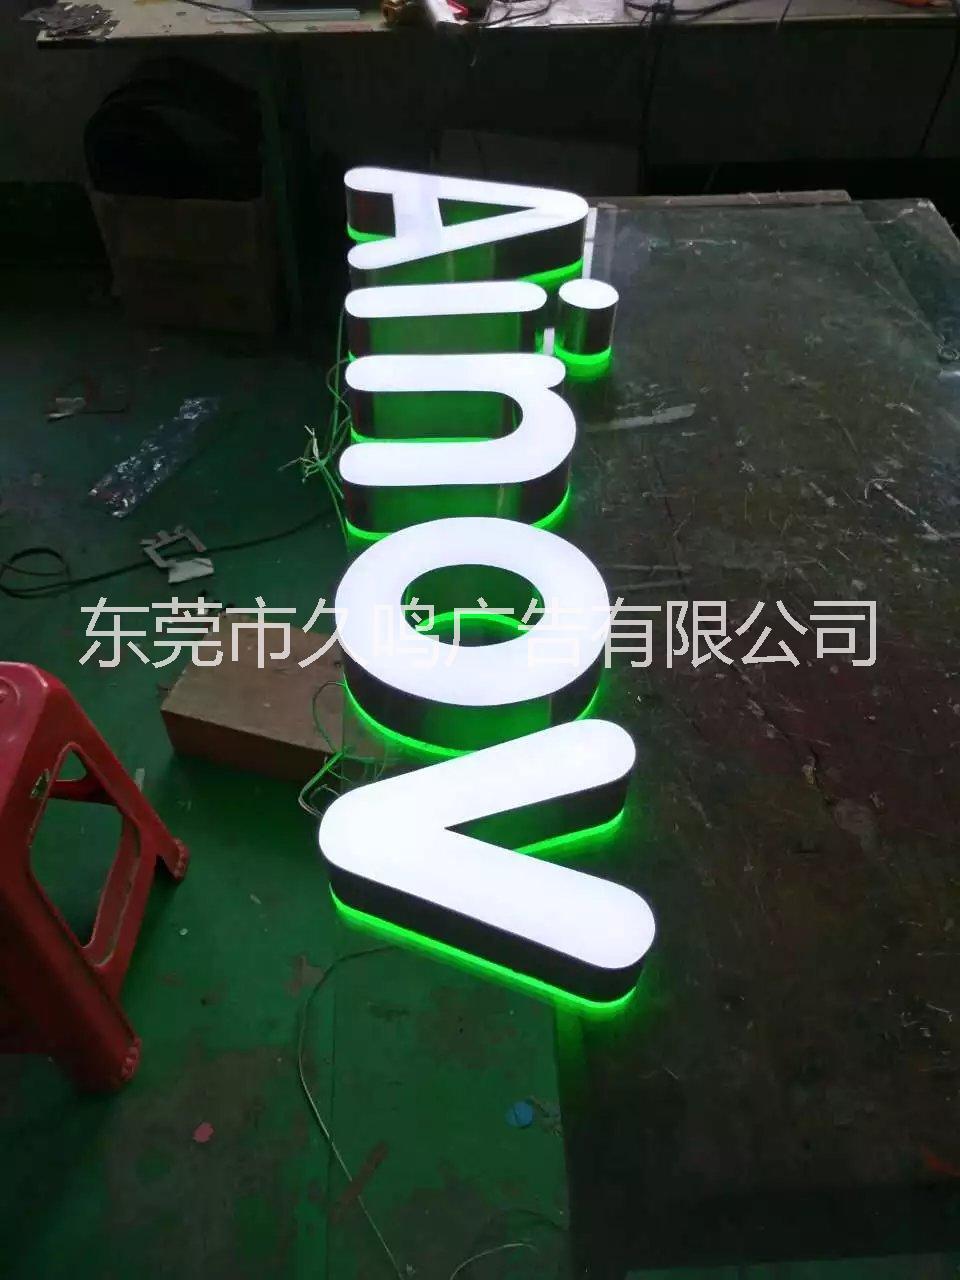 外露发光字标识 外露发光字标识安装外露发光字标识制作